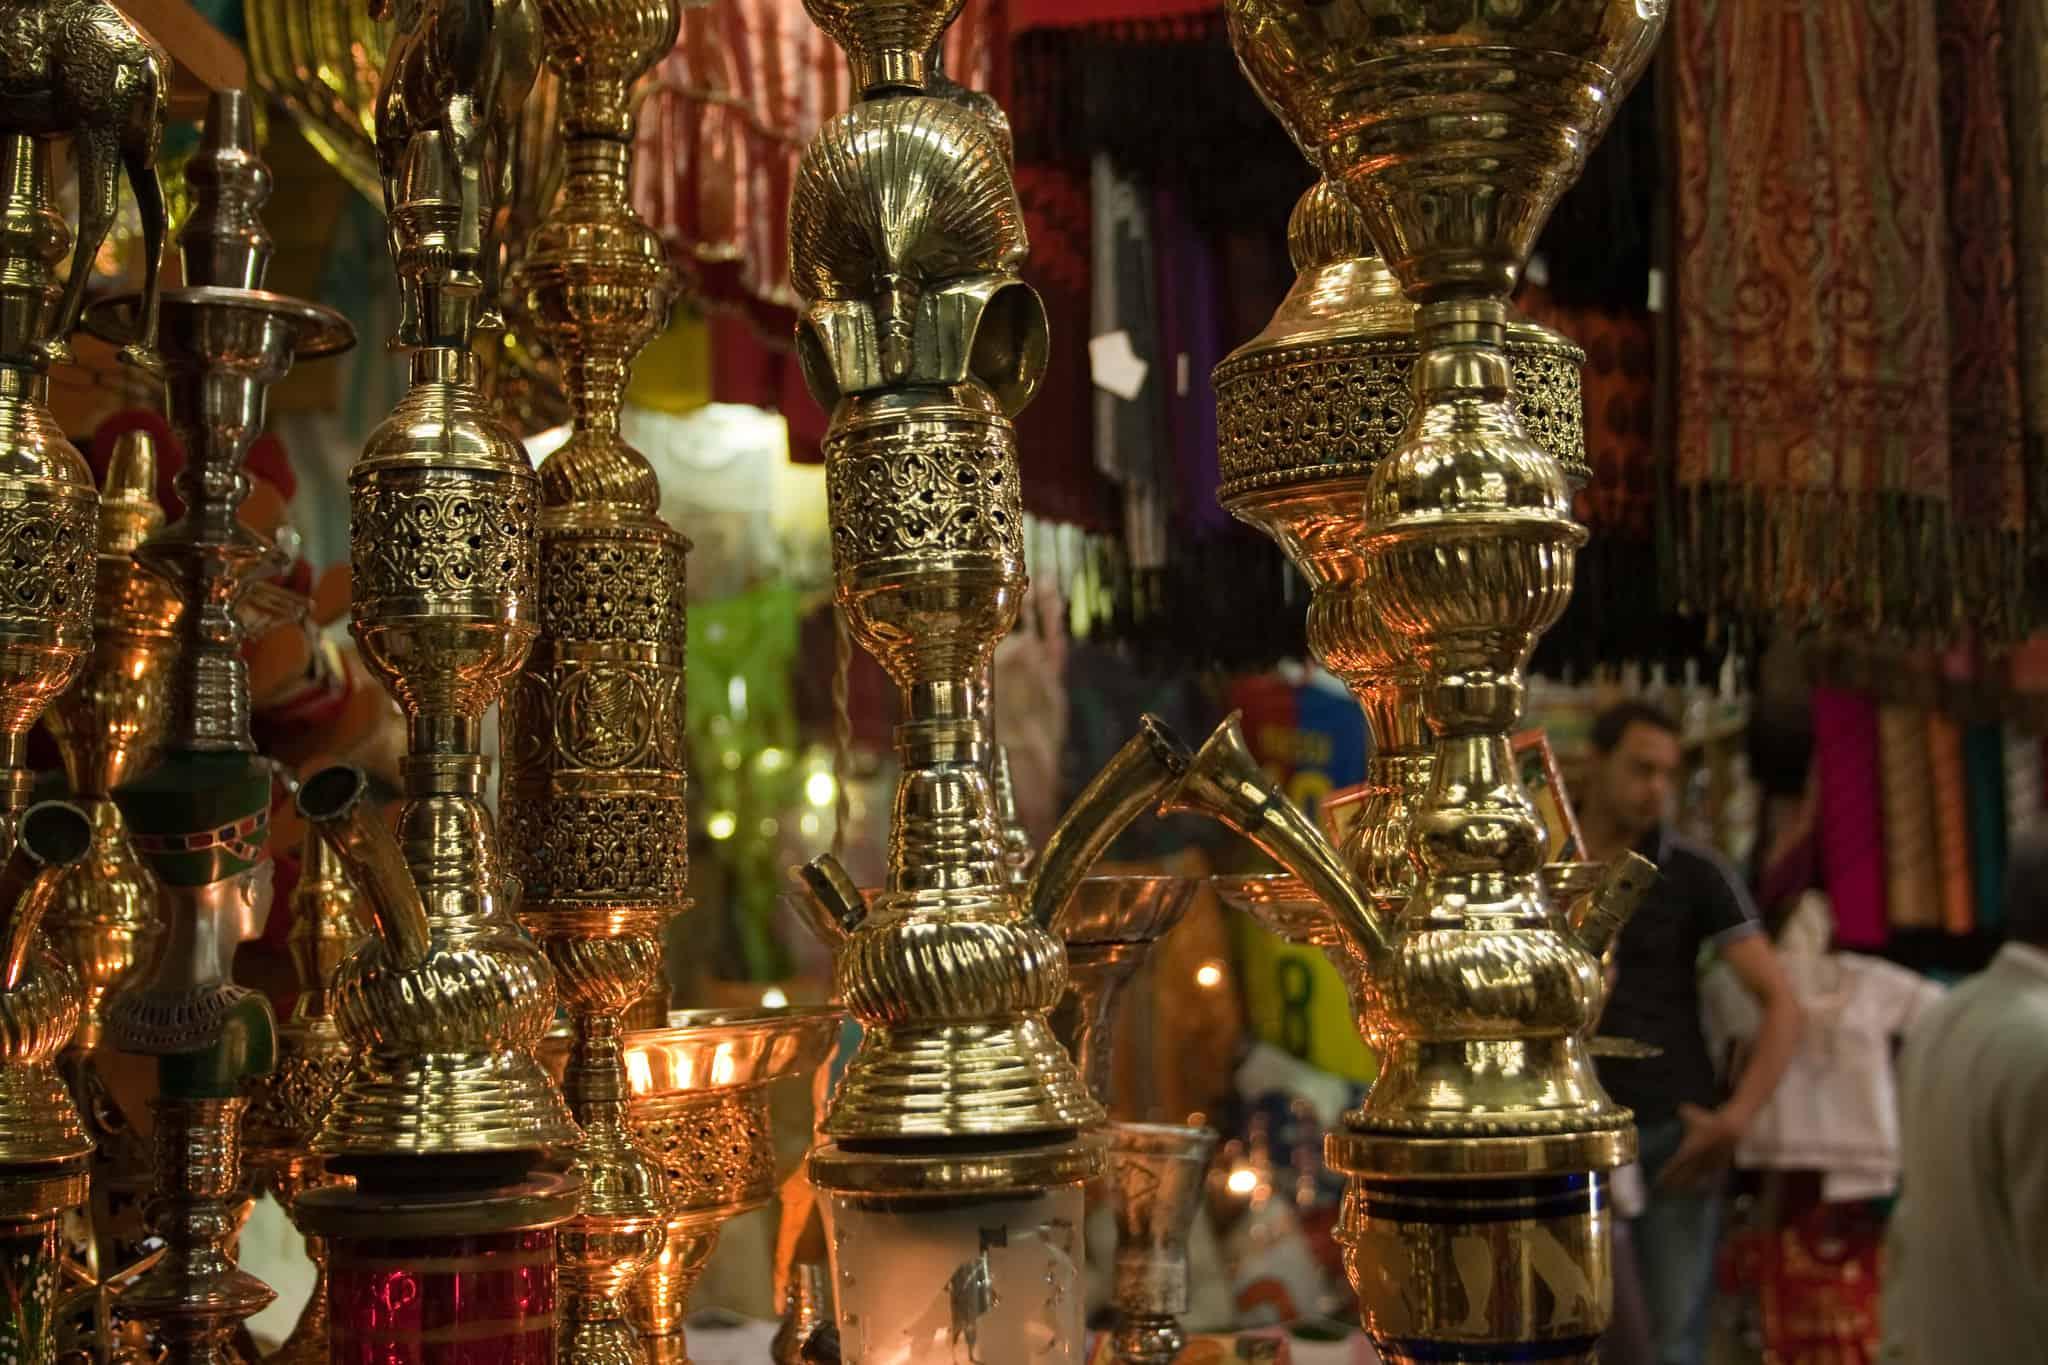 Verschiedene goldene Shishas in einem Laden